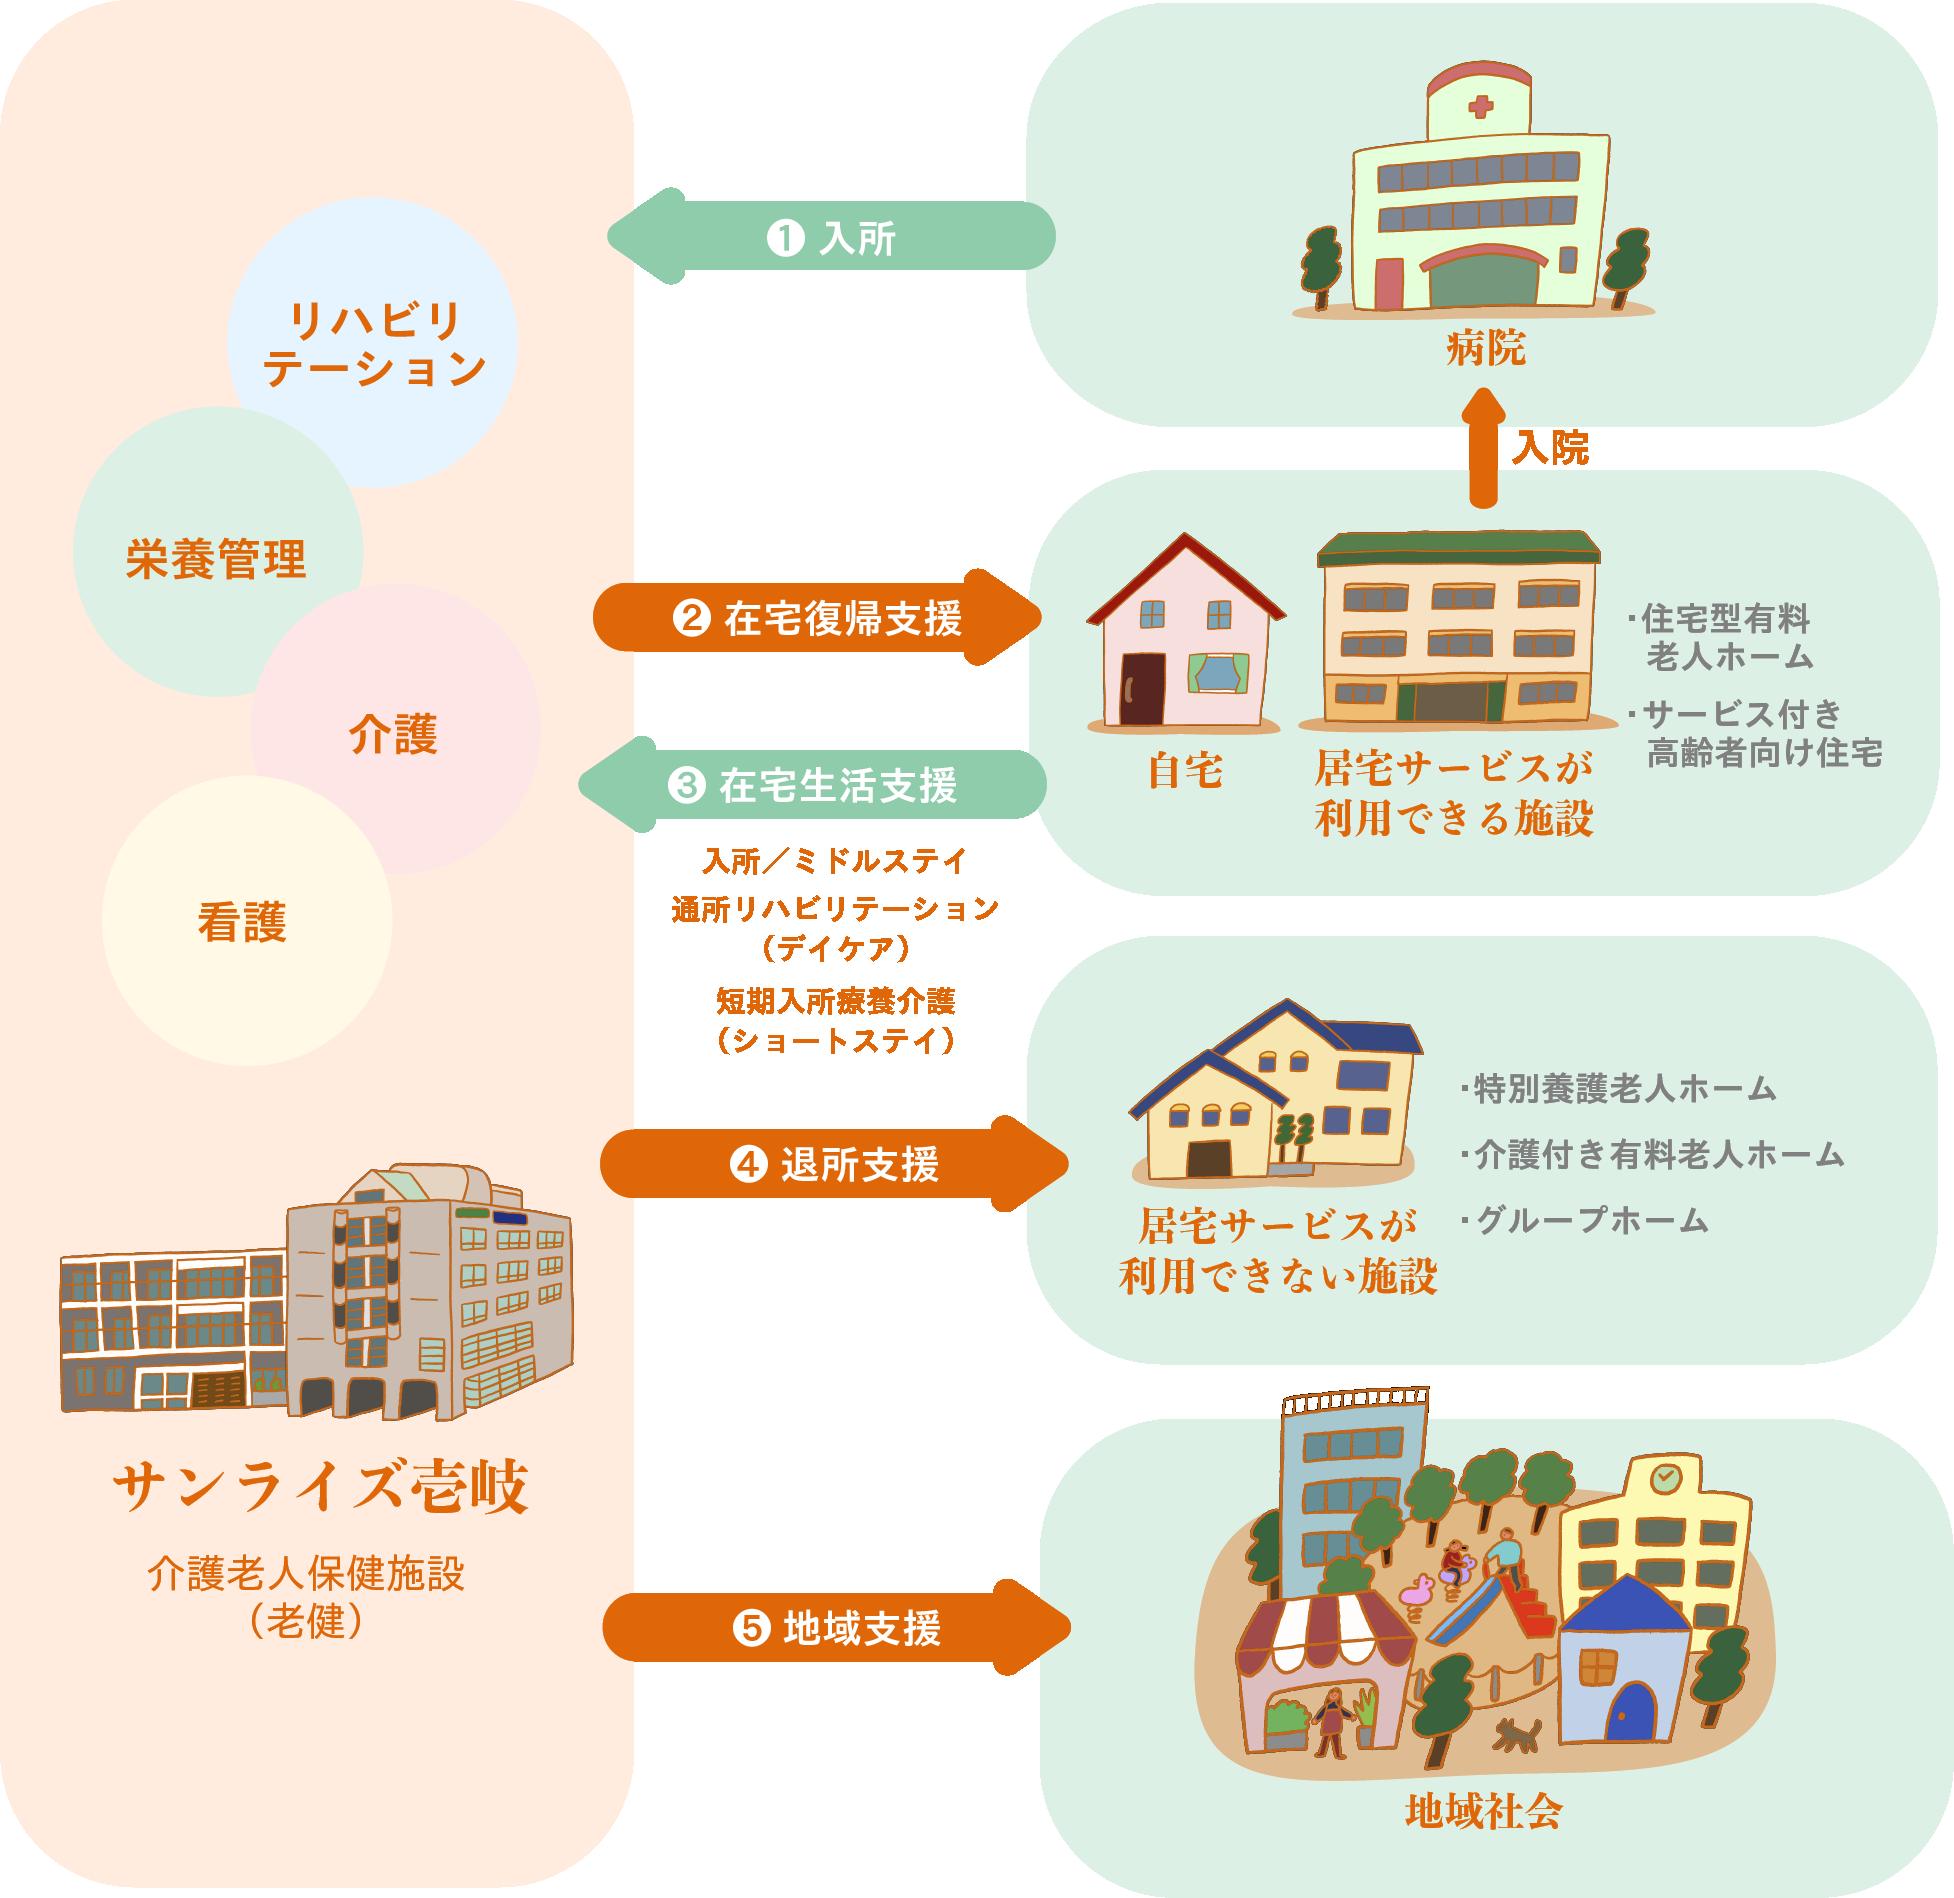 サンライズ壱岐と病院や自宅、老人ホーム、地域社会との連携図